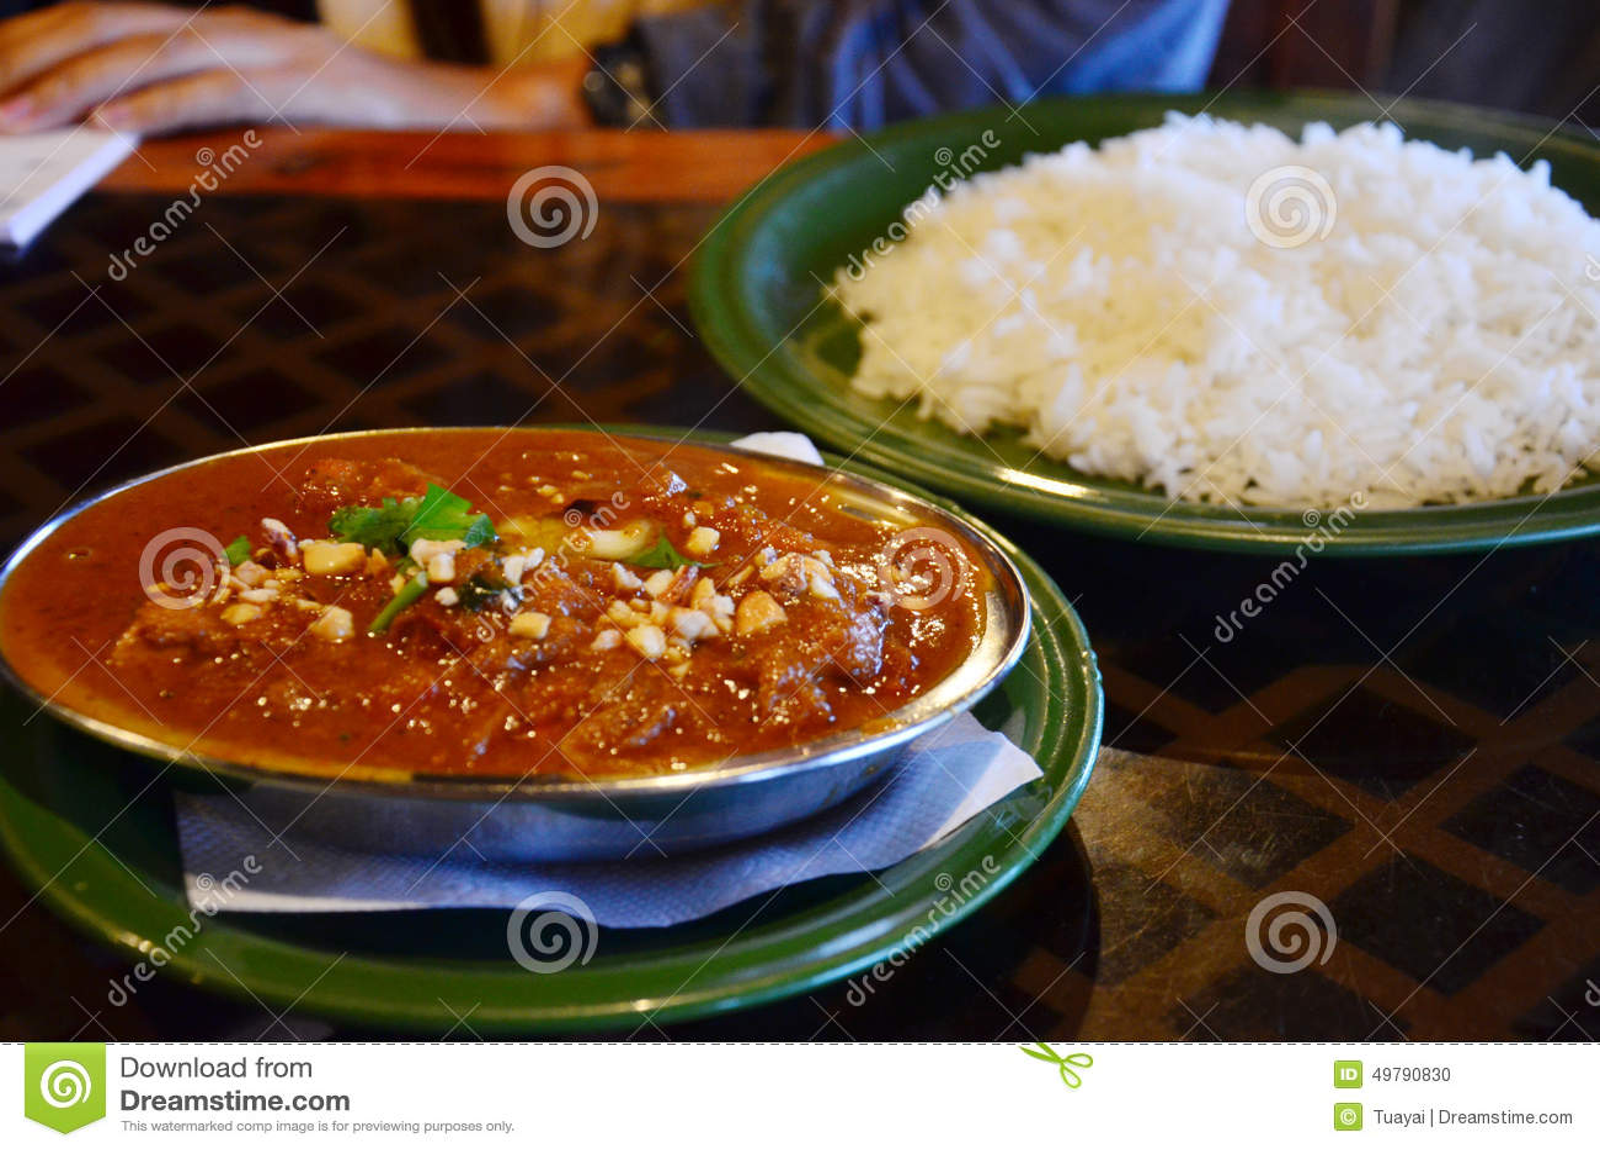 ensemble de cuisine du népal photo stock - image: 49790830